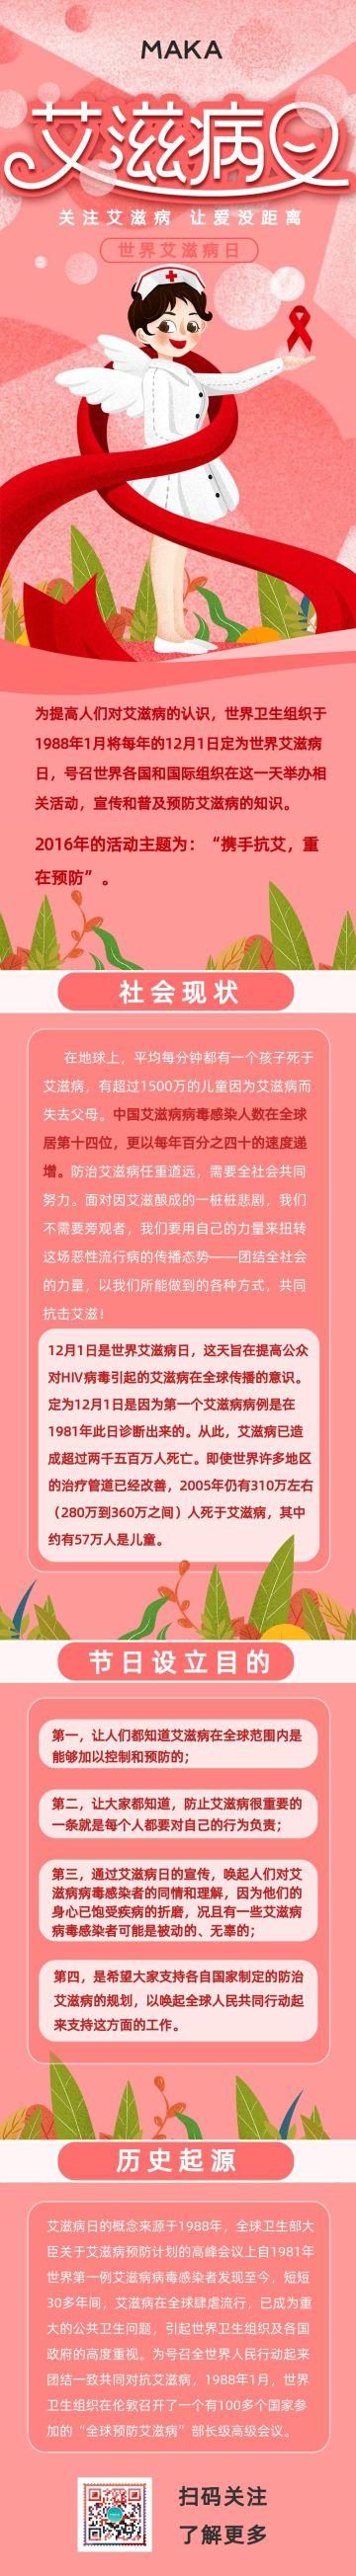 红色扁平简约世界艾滋病日公益宣传长页